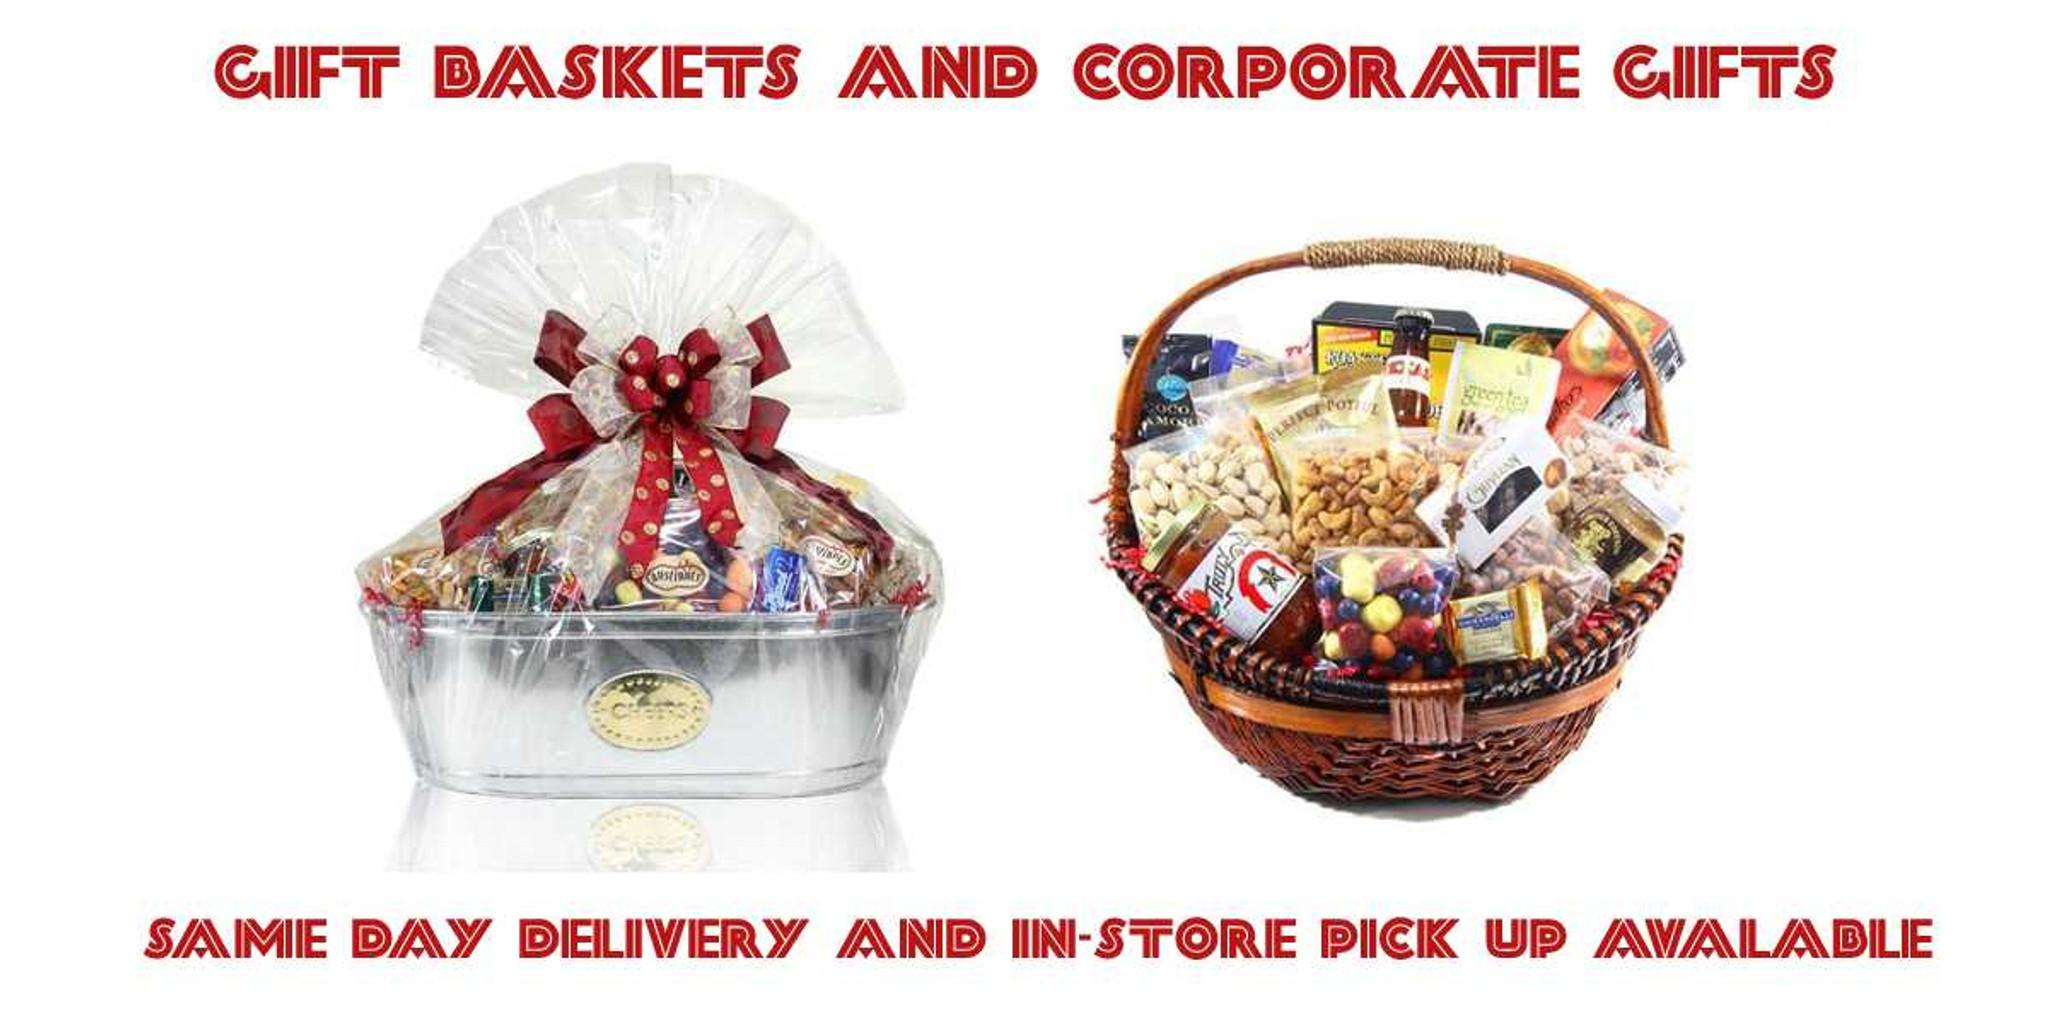 Why should I send a gift basket?